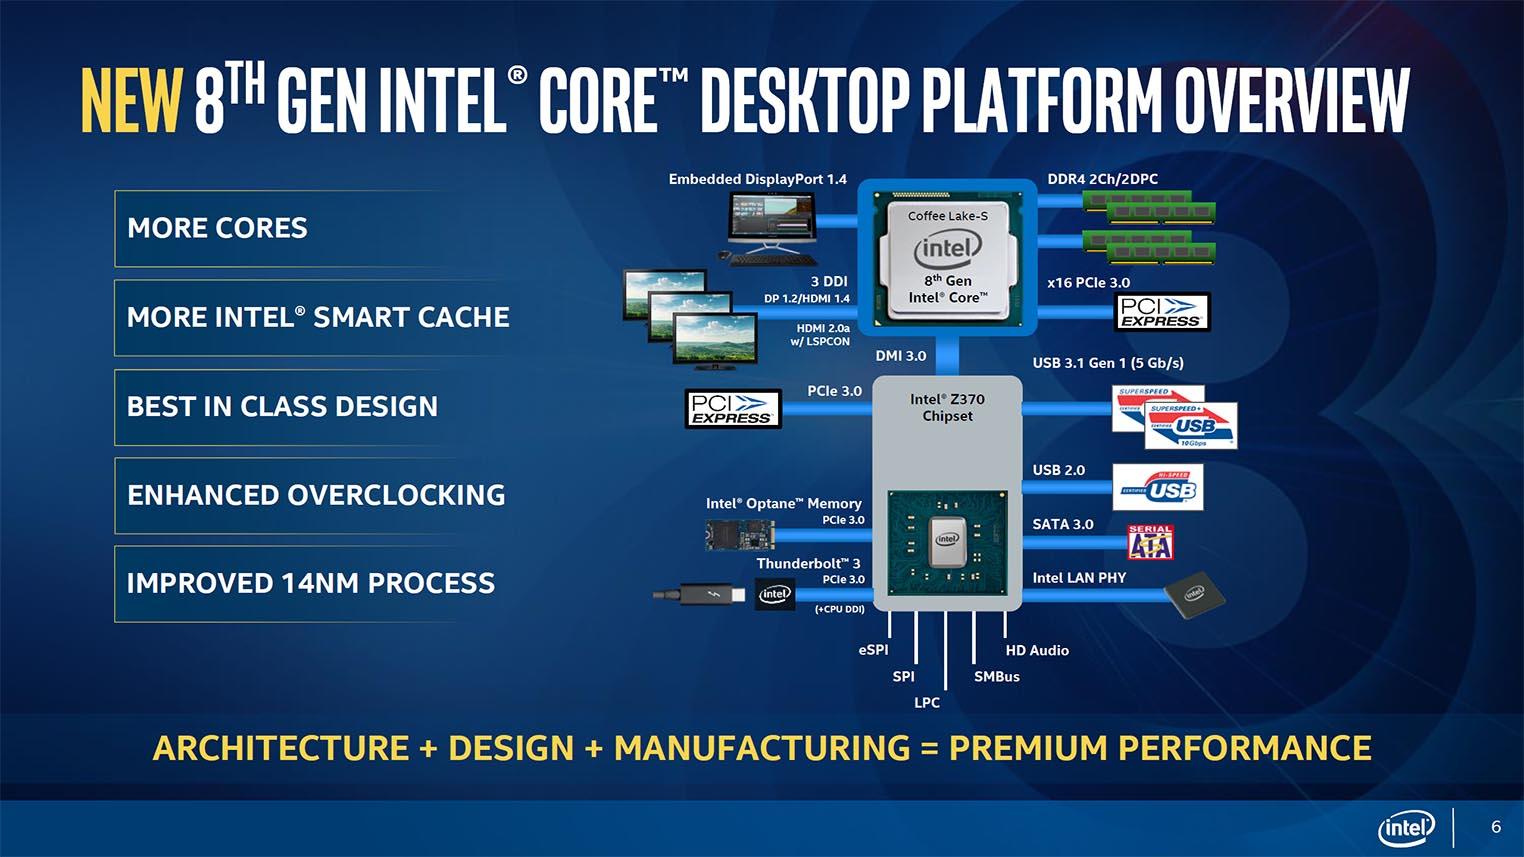 Intel Coffee Lake plateform